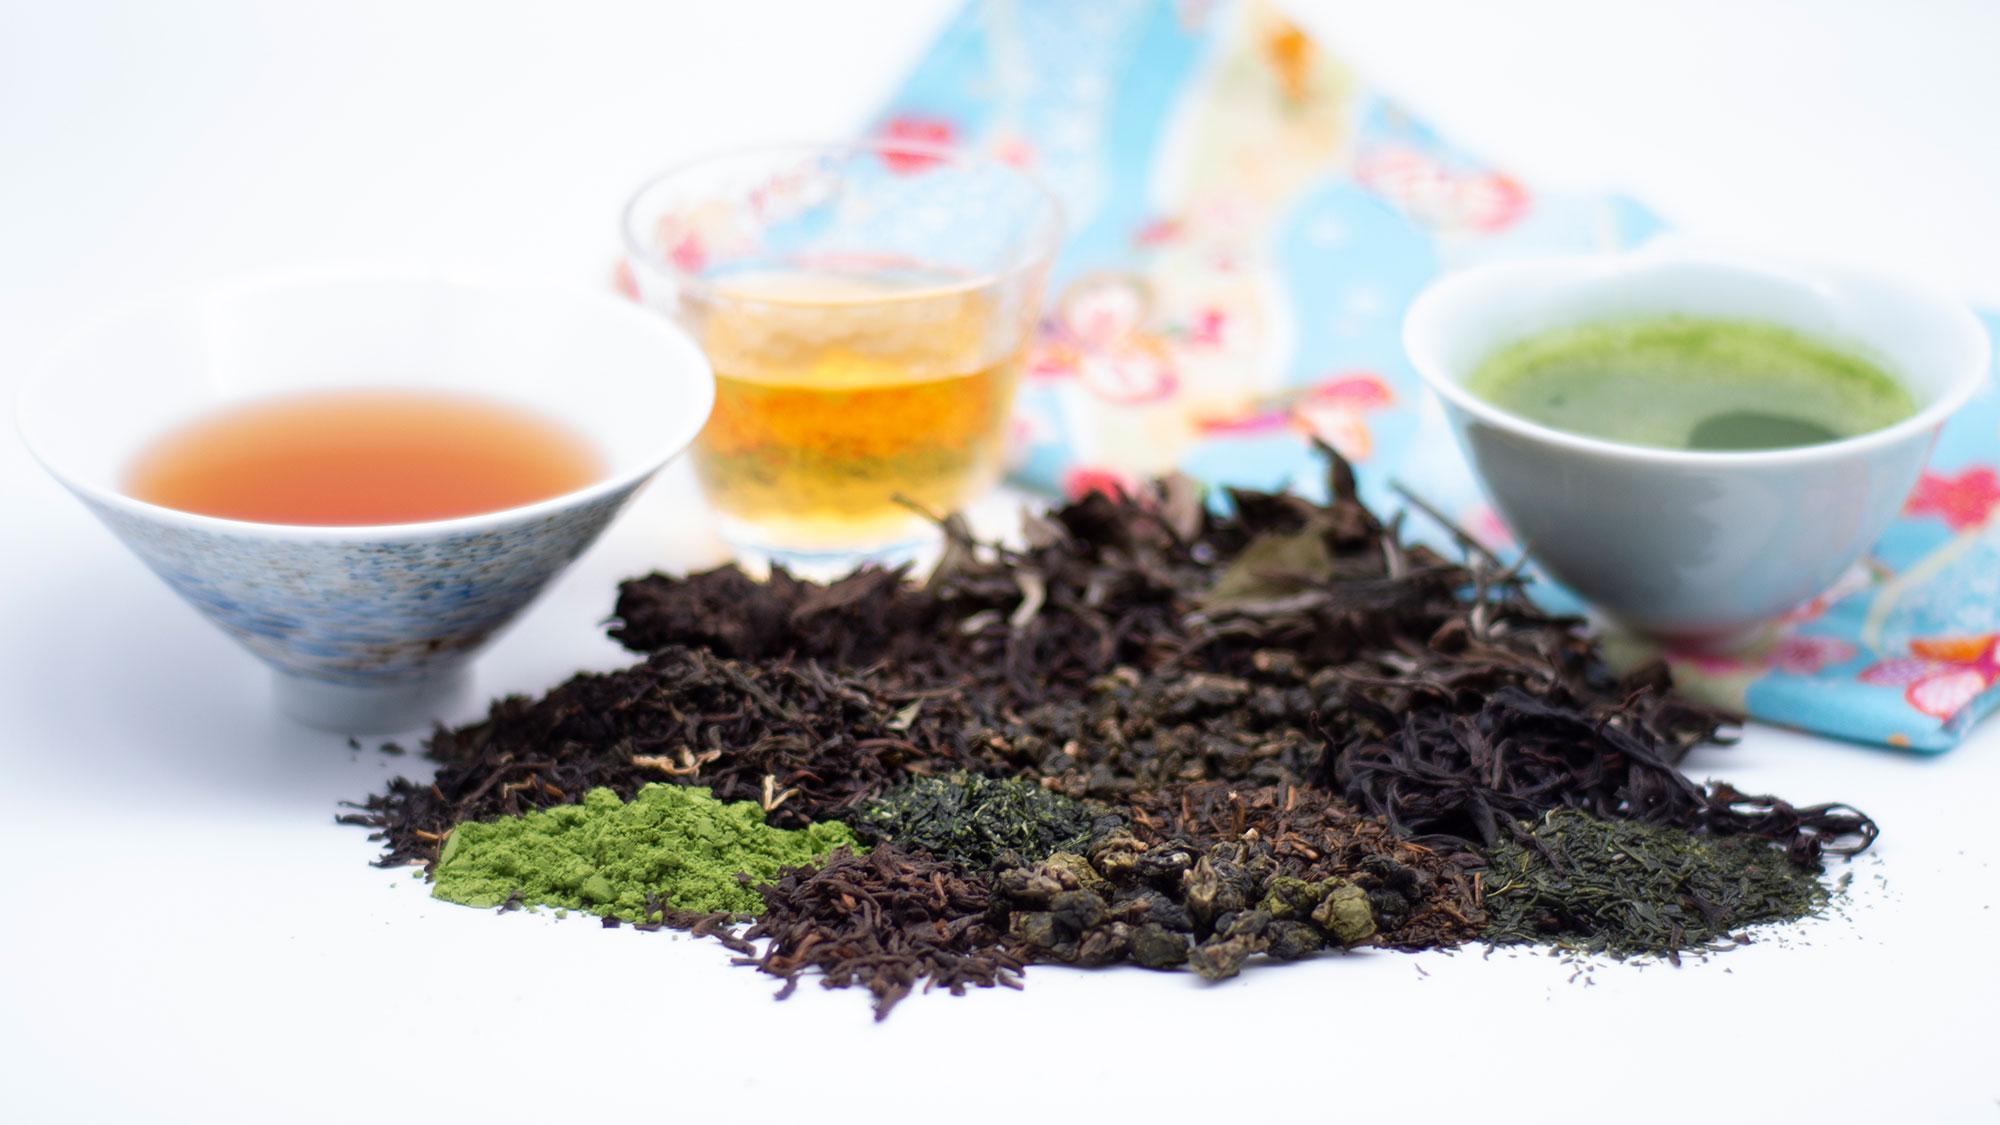 teabanner01.jpg